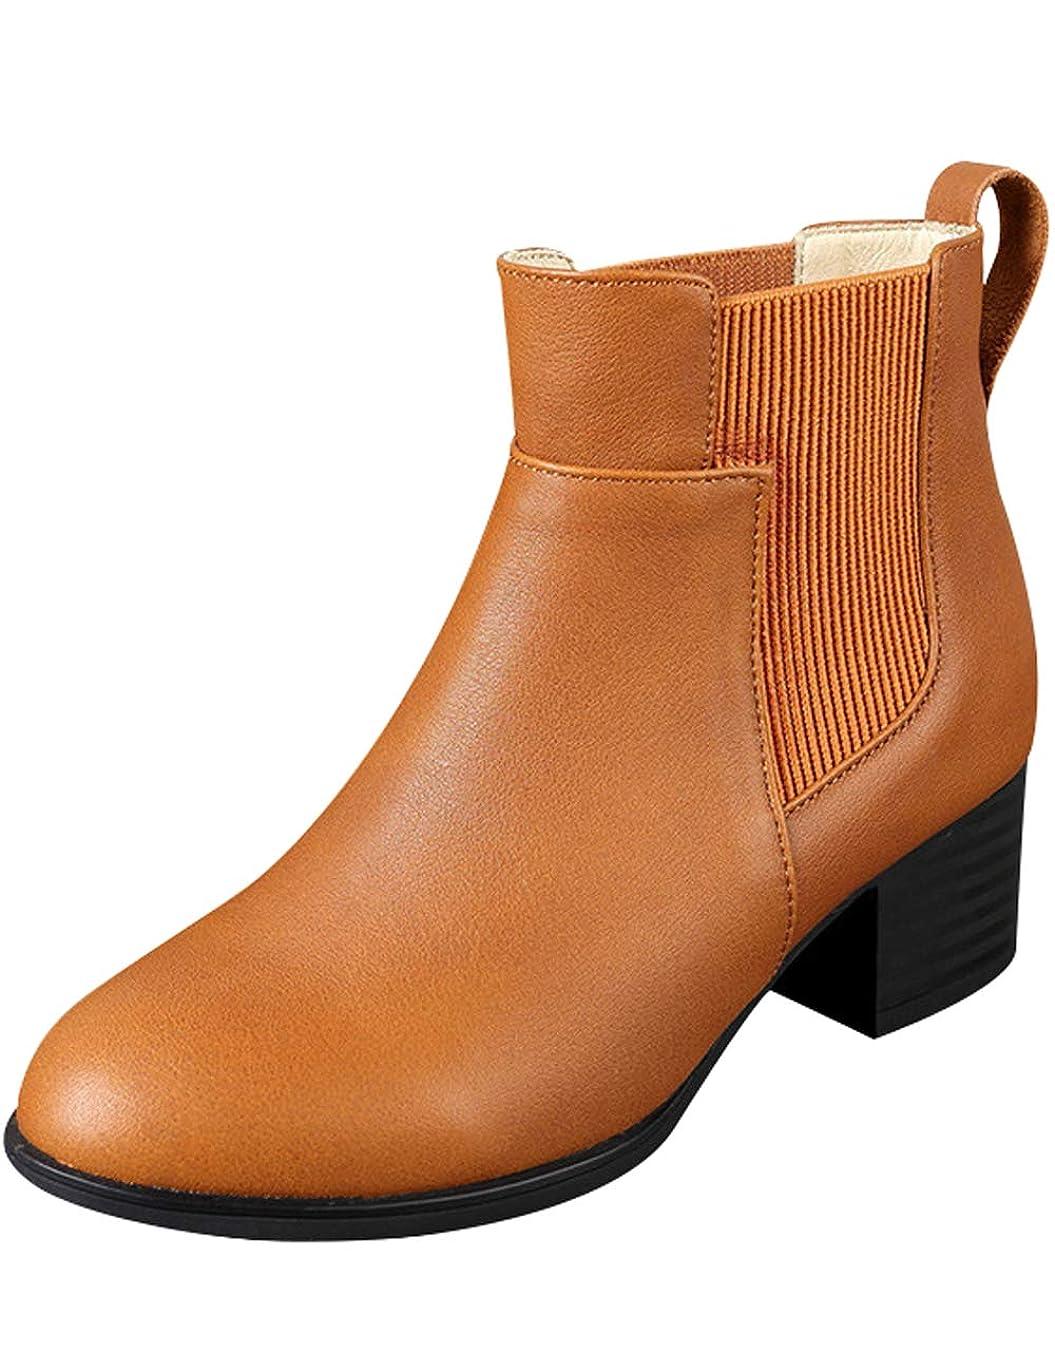 フライト共産主義者国民[のグレープフルーツ プラム] レディース ショート厚いかかと ジョッパーブーツ レザー ブーツ ビジネスシューズ 本革 ショートブーツ ウォータープルーフ ブーツ 防水 雨 雪 靴 カジュアル デイリー アウトドア チェルシーブーツ